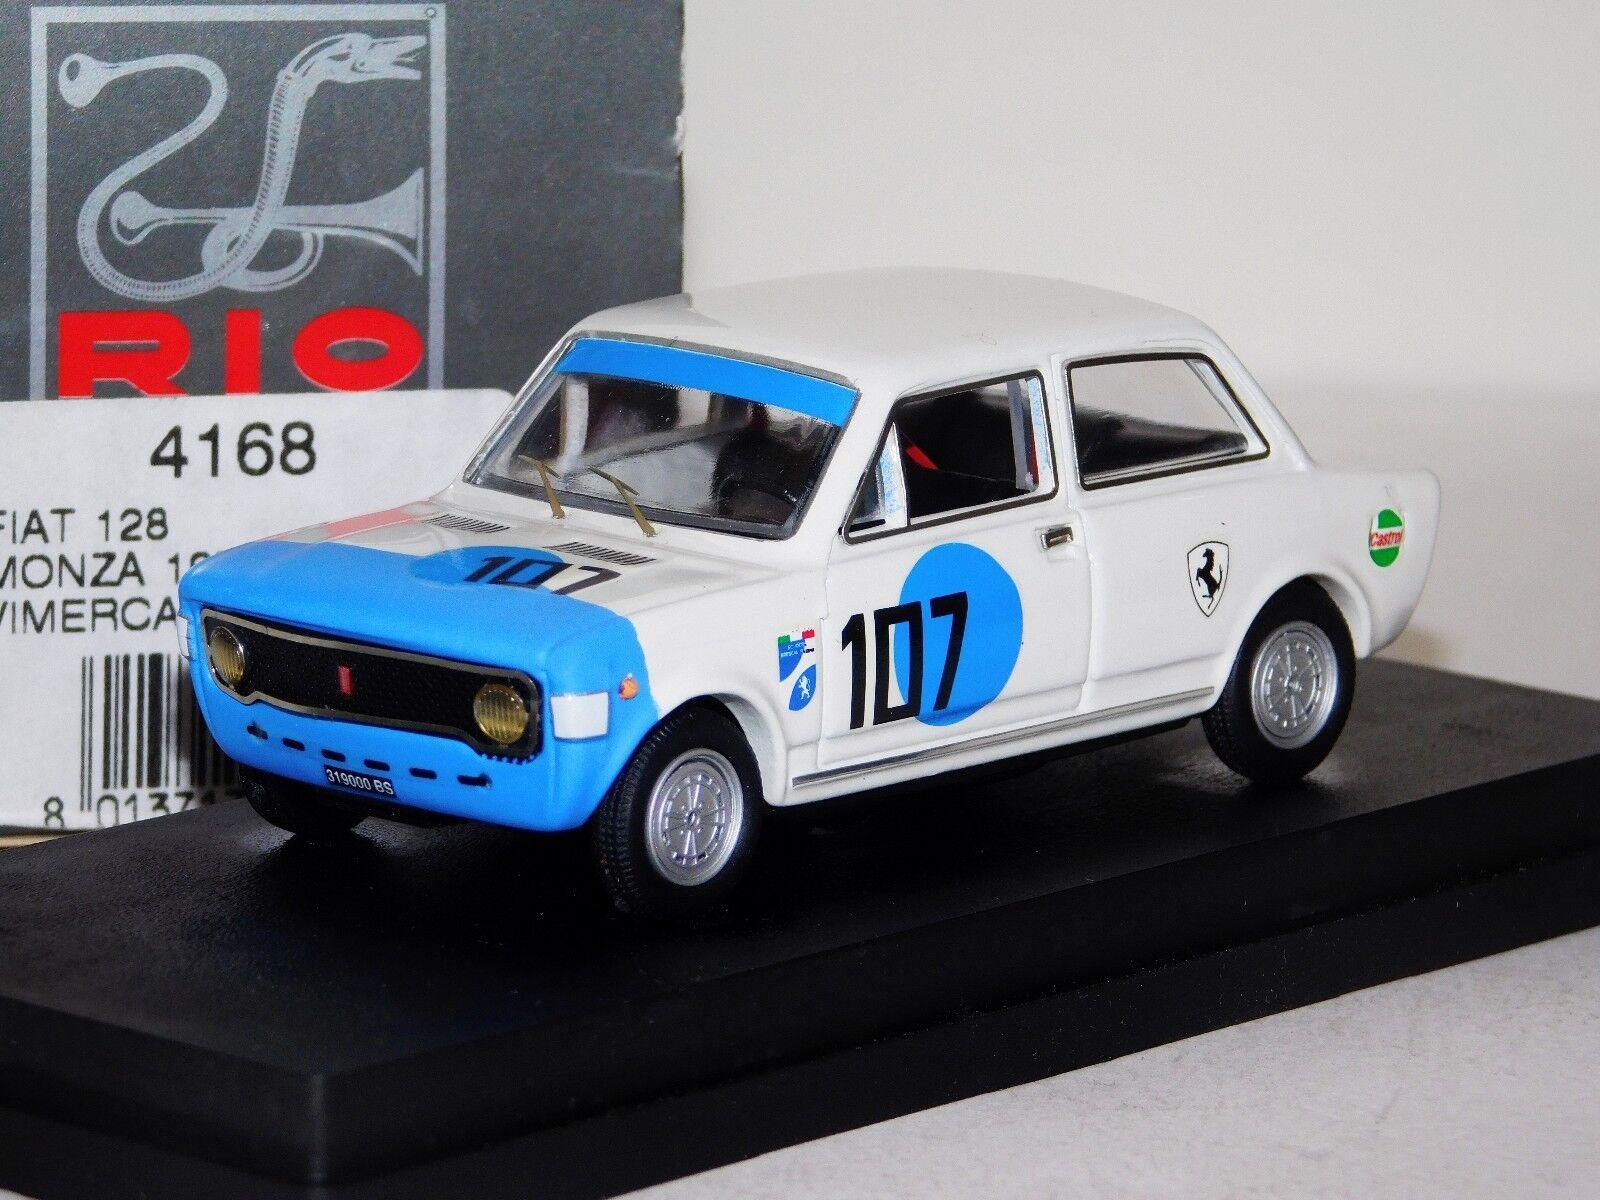 ¡envío gratis! Fiat 128  107 VIMERCATI Monza 1971 Rio Rio Rio 4168 1 43  echa un vistazo a los más baratos